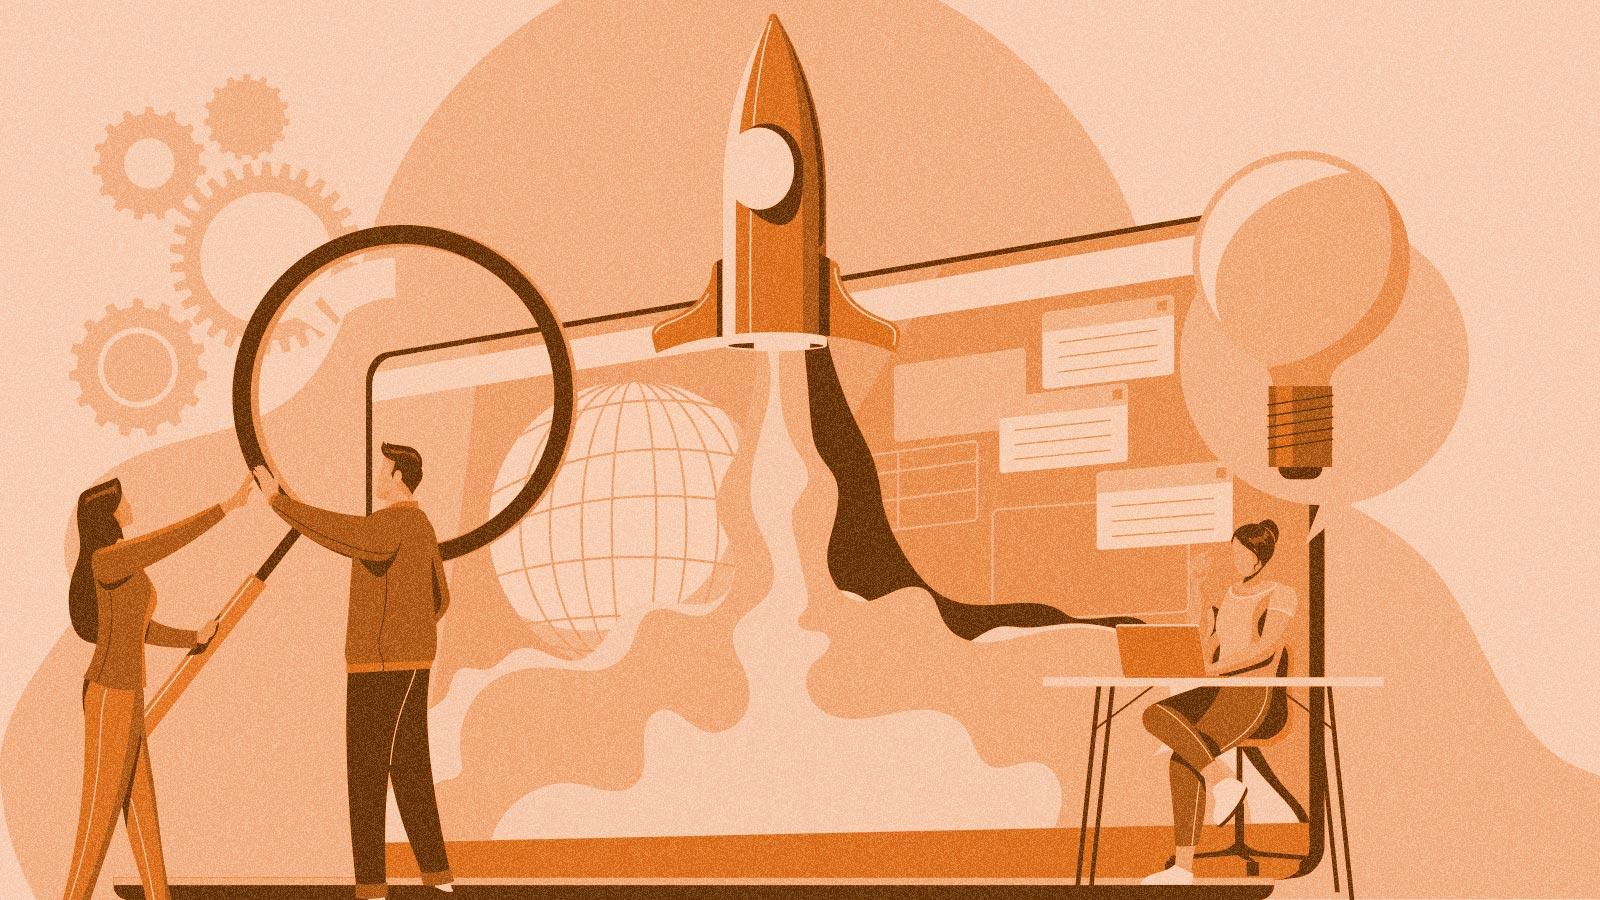 blog ieu emprendimiento e innovación digital la maestría de ieu que necesitas en 2021